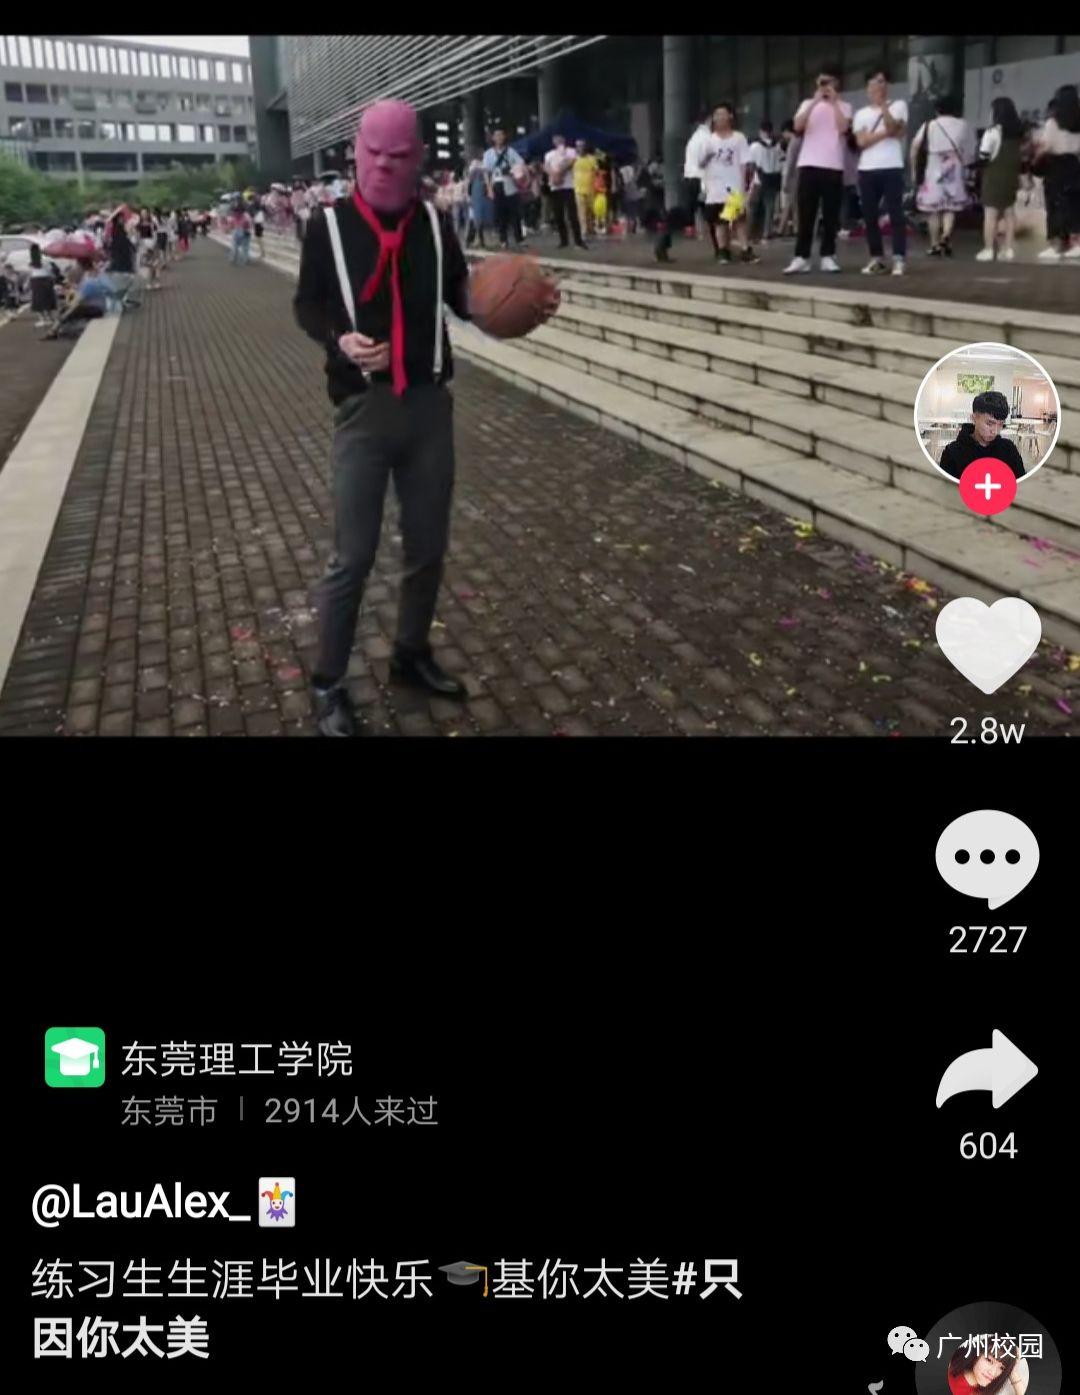 人才!广东某高校毕业照惊现喜欢唱跳rap和篮球的练习生?